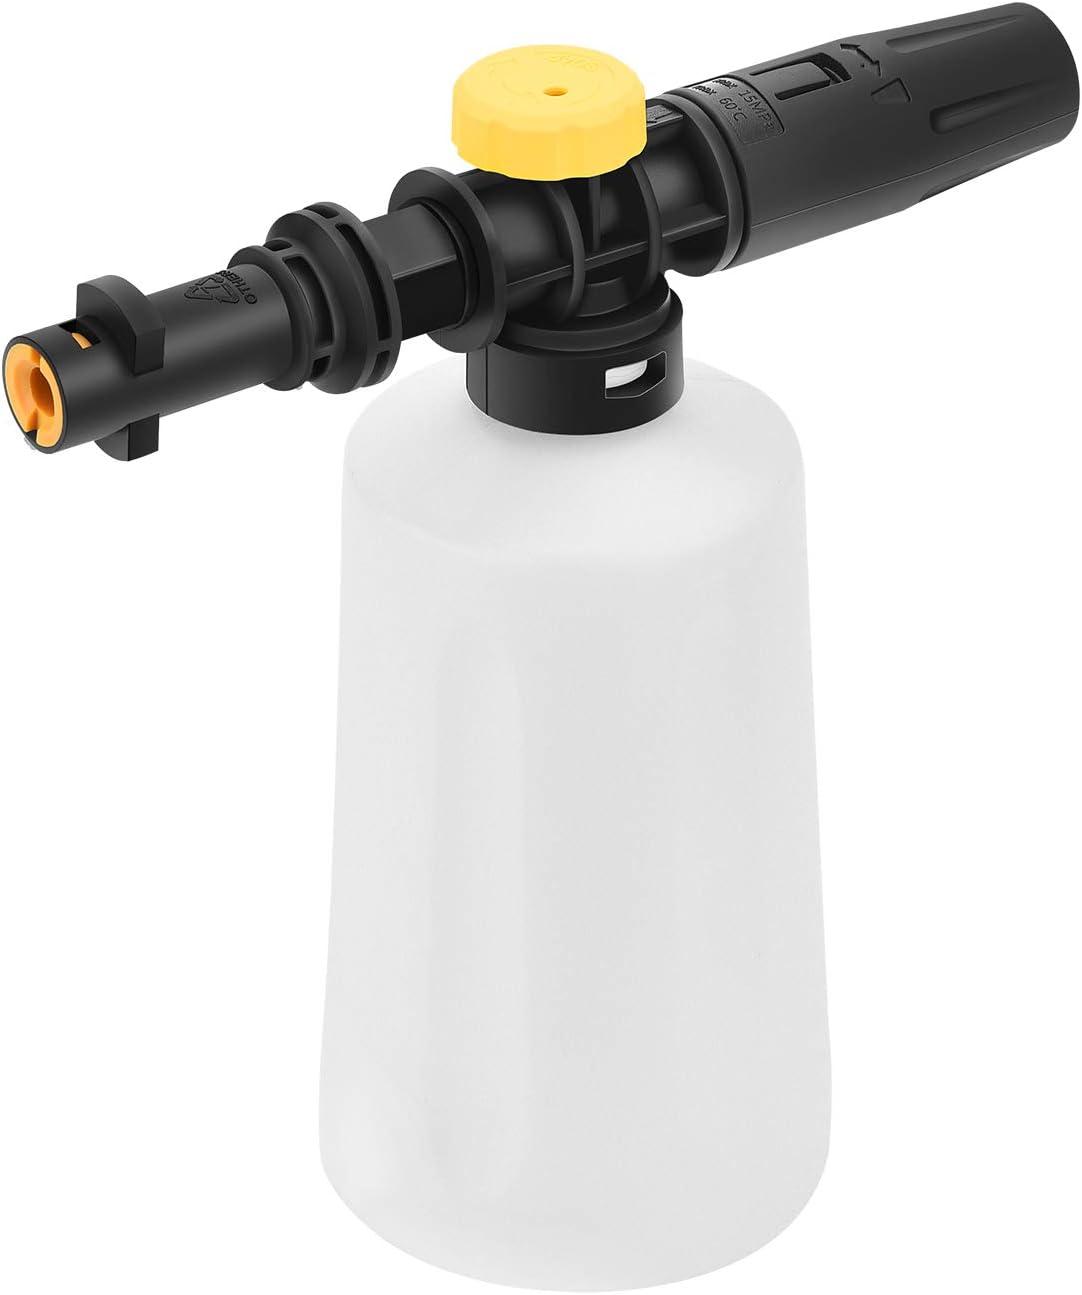 MOPEI El cañón de espuma de nieve se adapta a la lavadora a presión Karcher K2 K3 K4 K5 K6 K7, Boquilla Ajustable 1400-2100 PSI